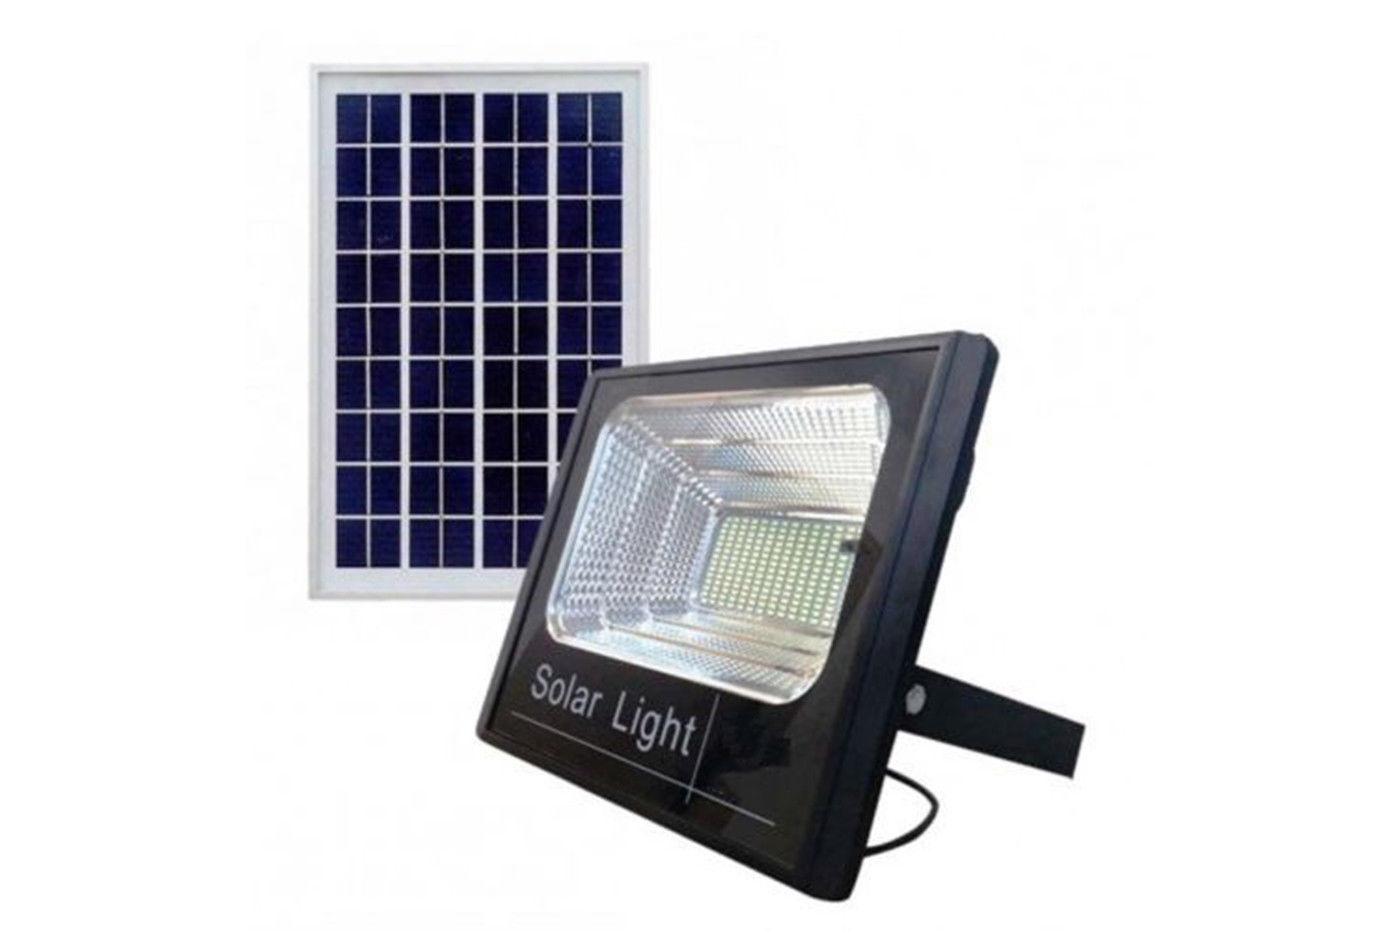 Faro led smd w con pannello solare crepuscolare telecomando